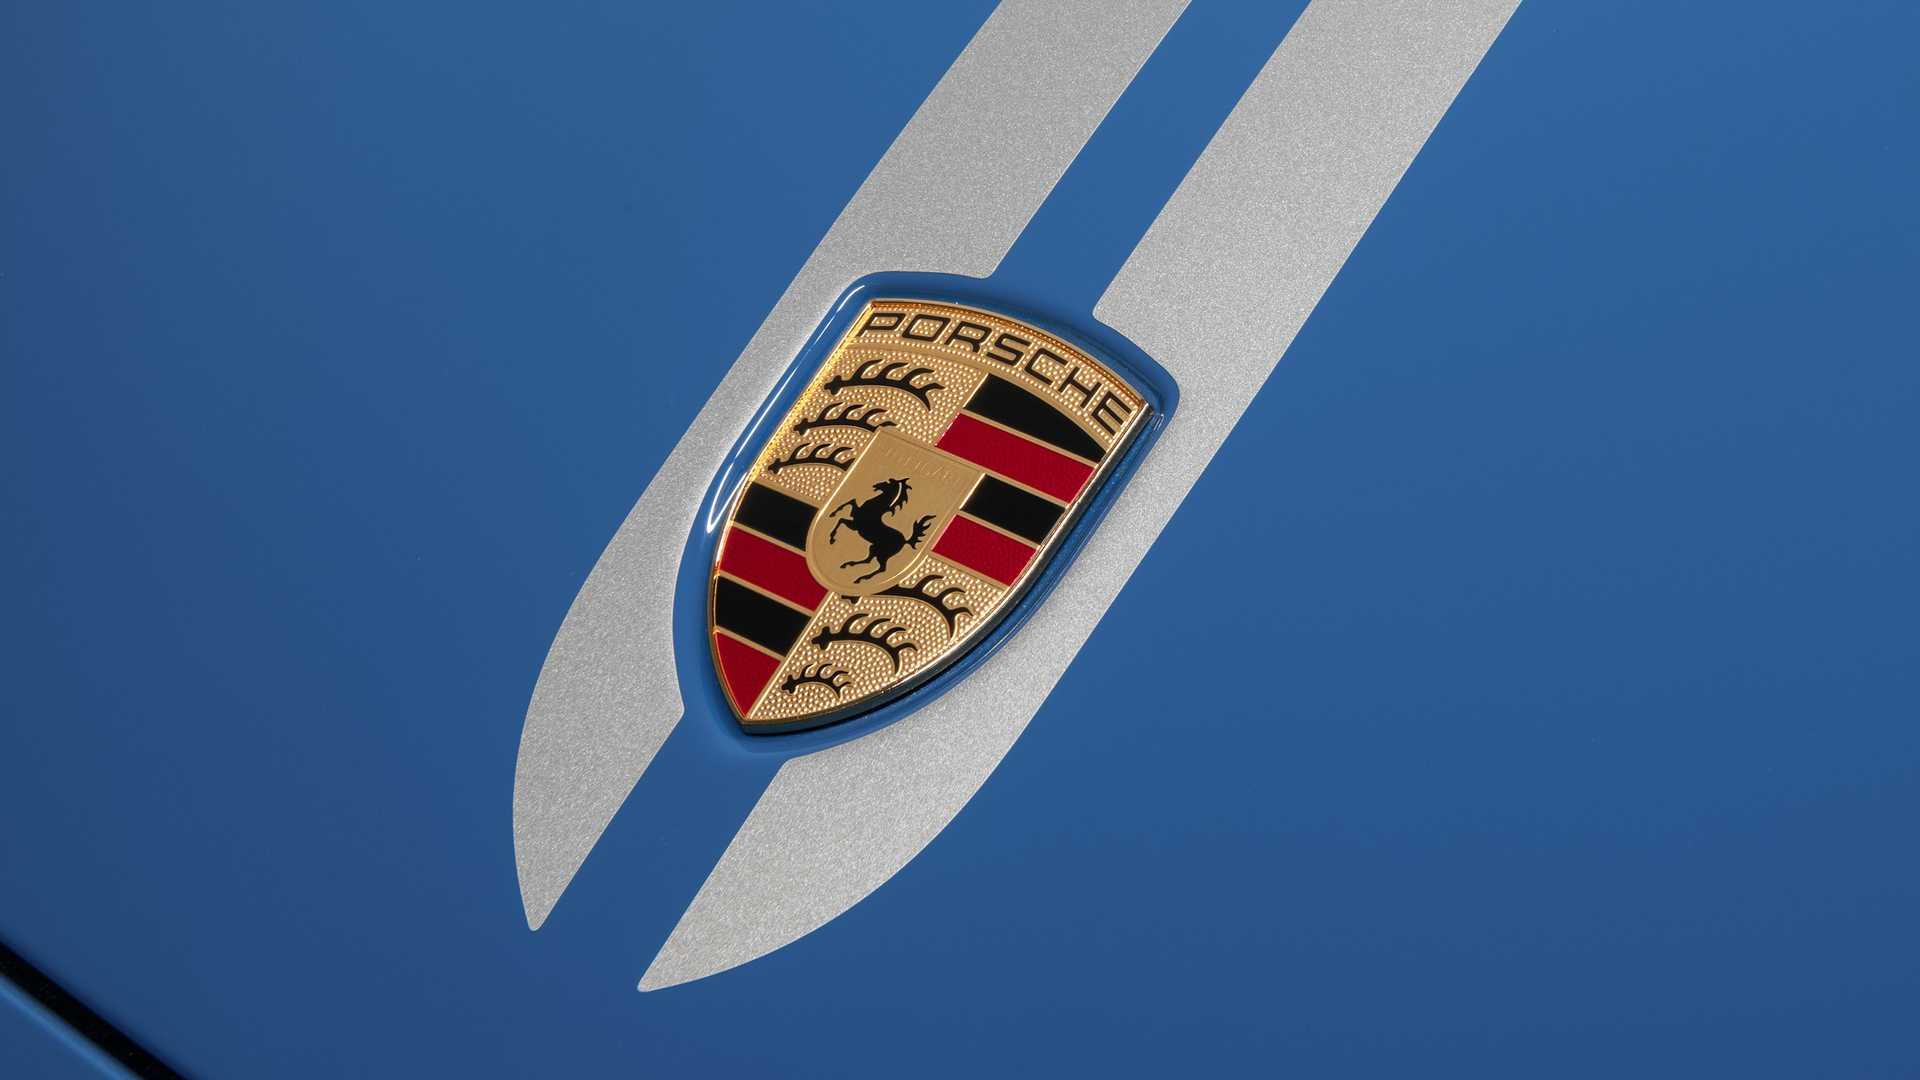 Porsche-911-Turbo-S-20th-Anniversary-Edition-17